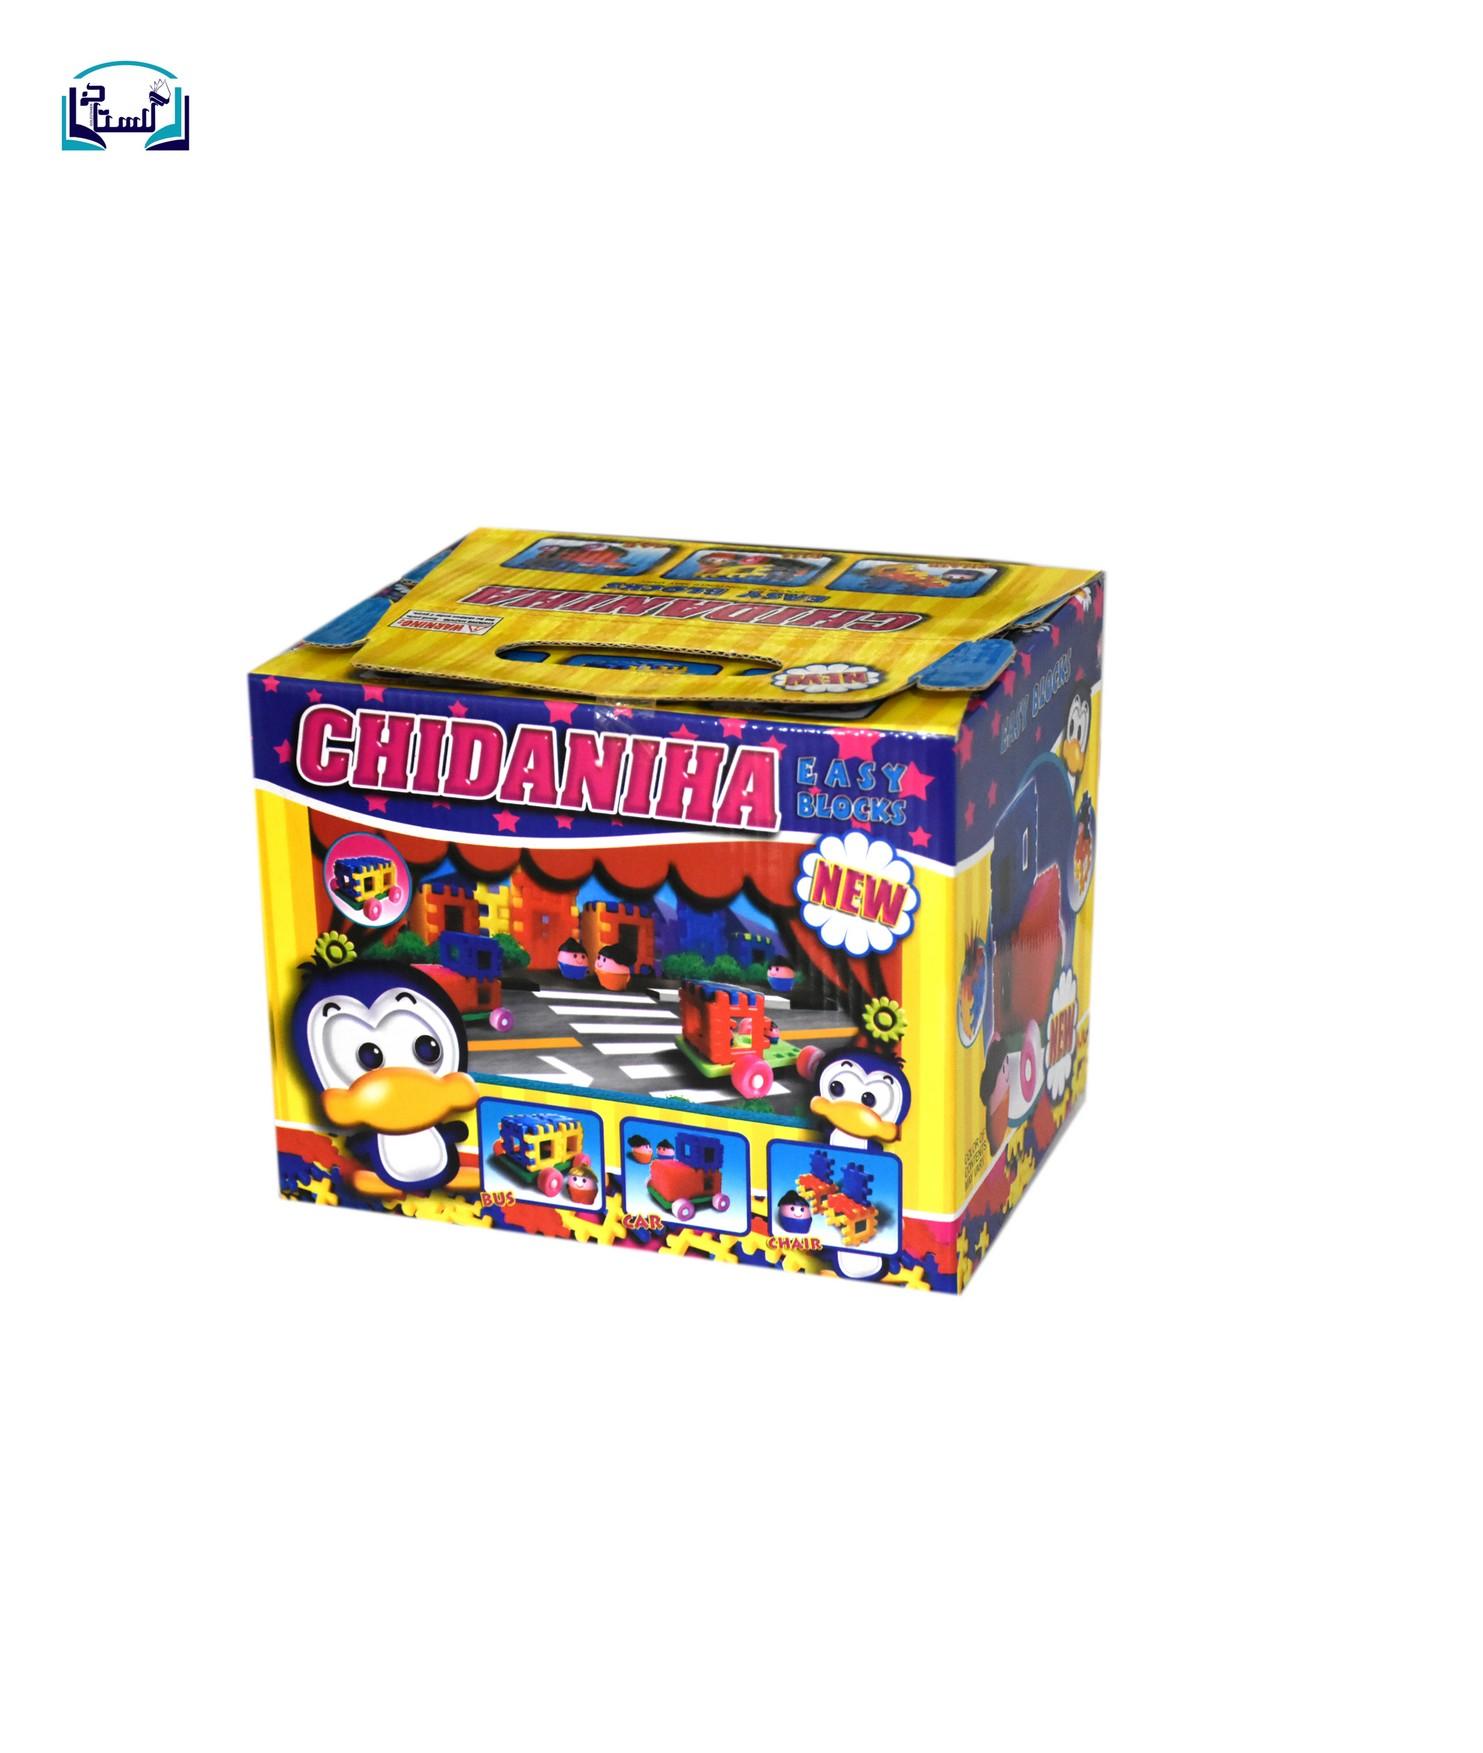 چيدنيها-chidaniha-جعبه-اي